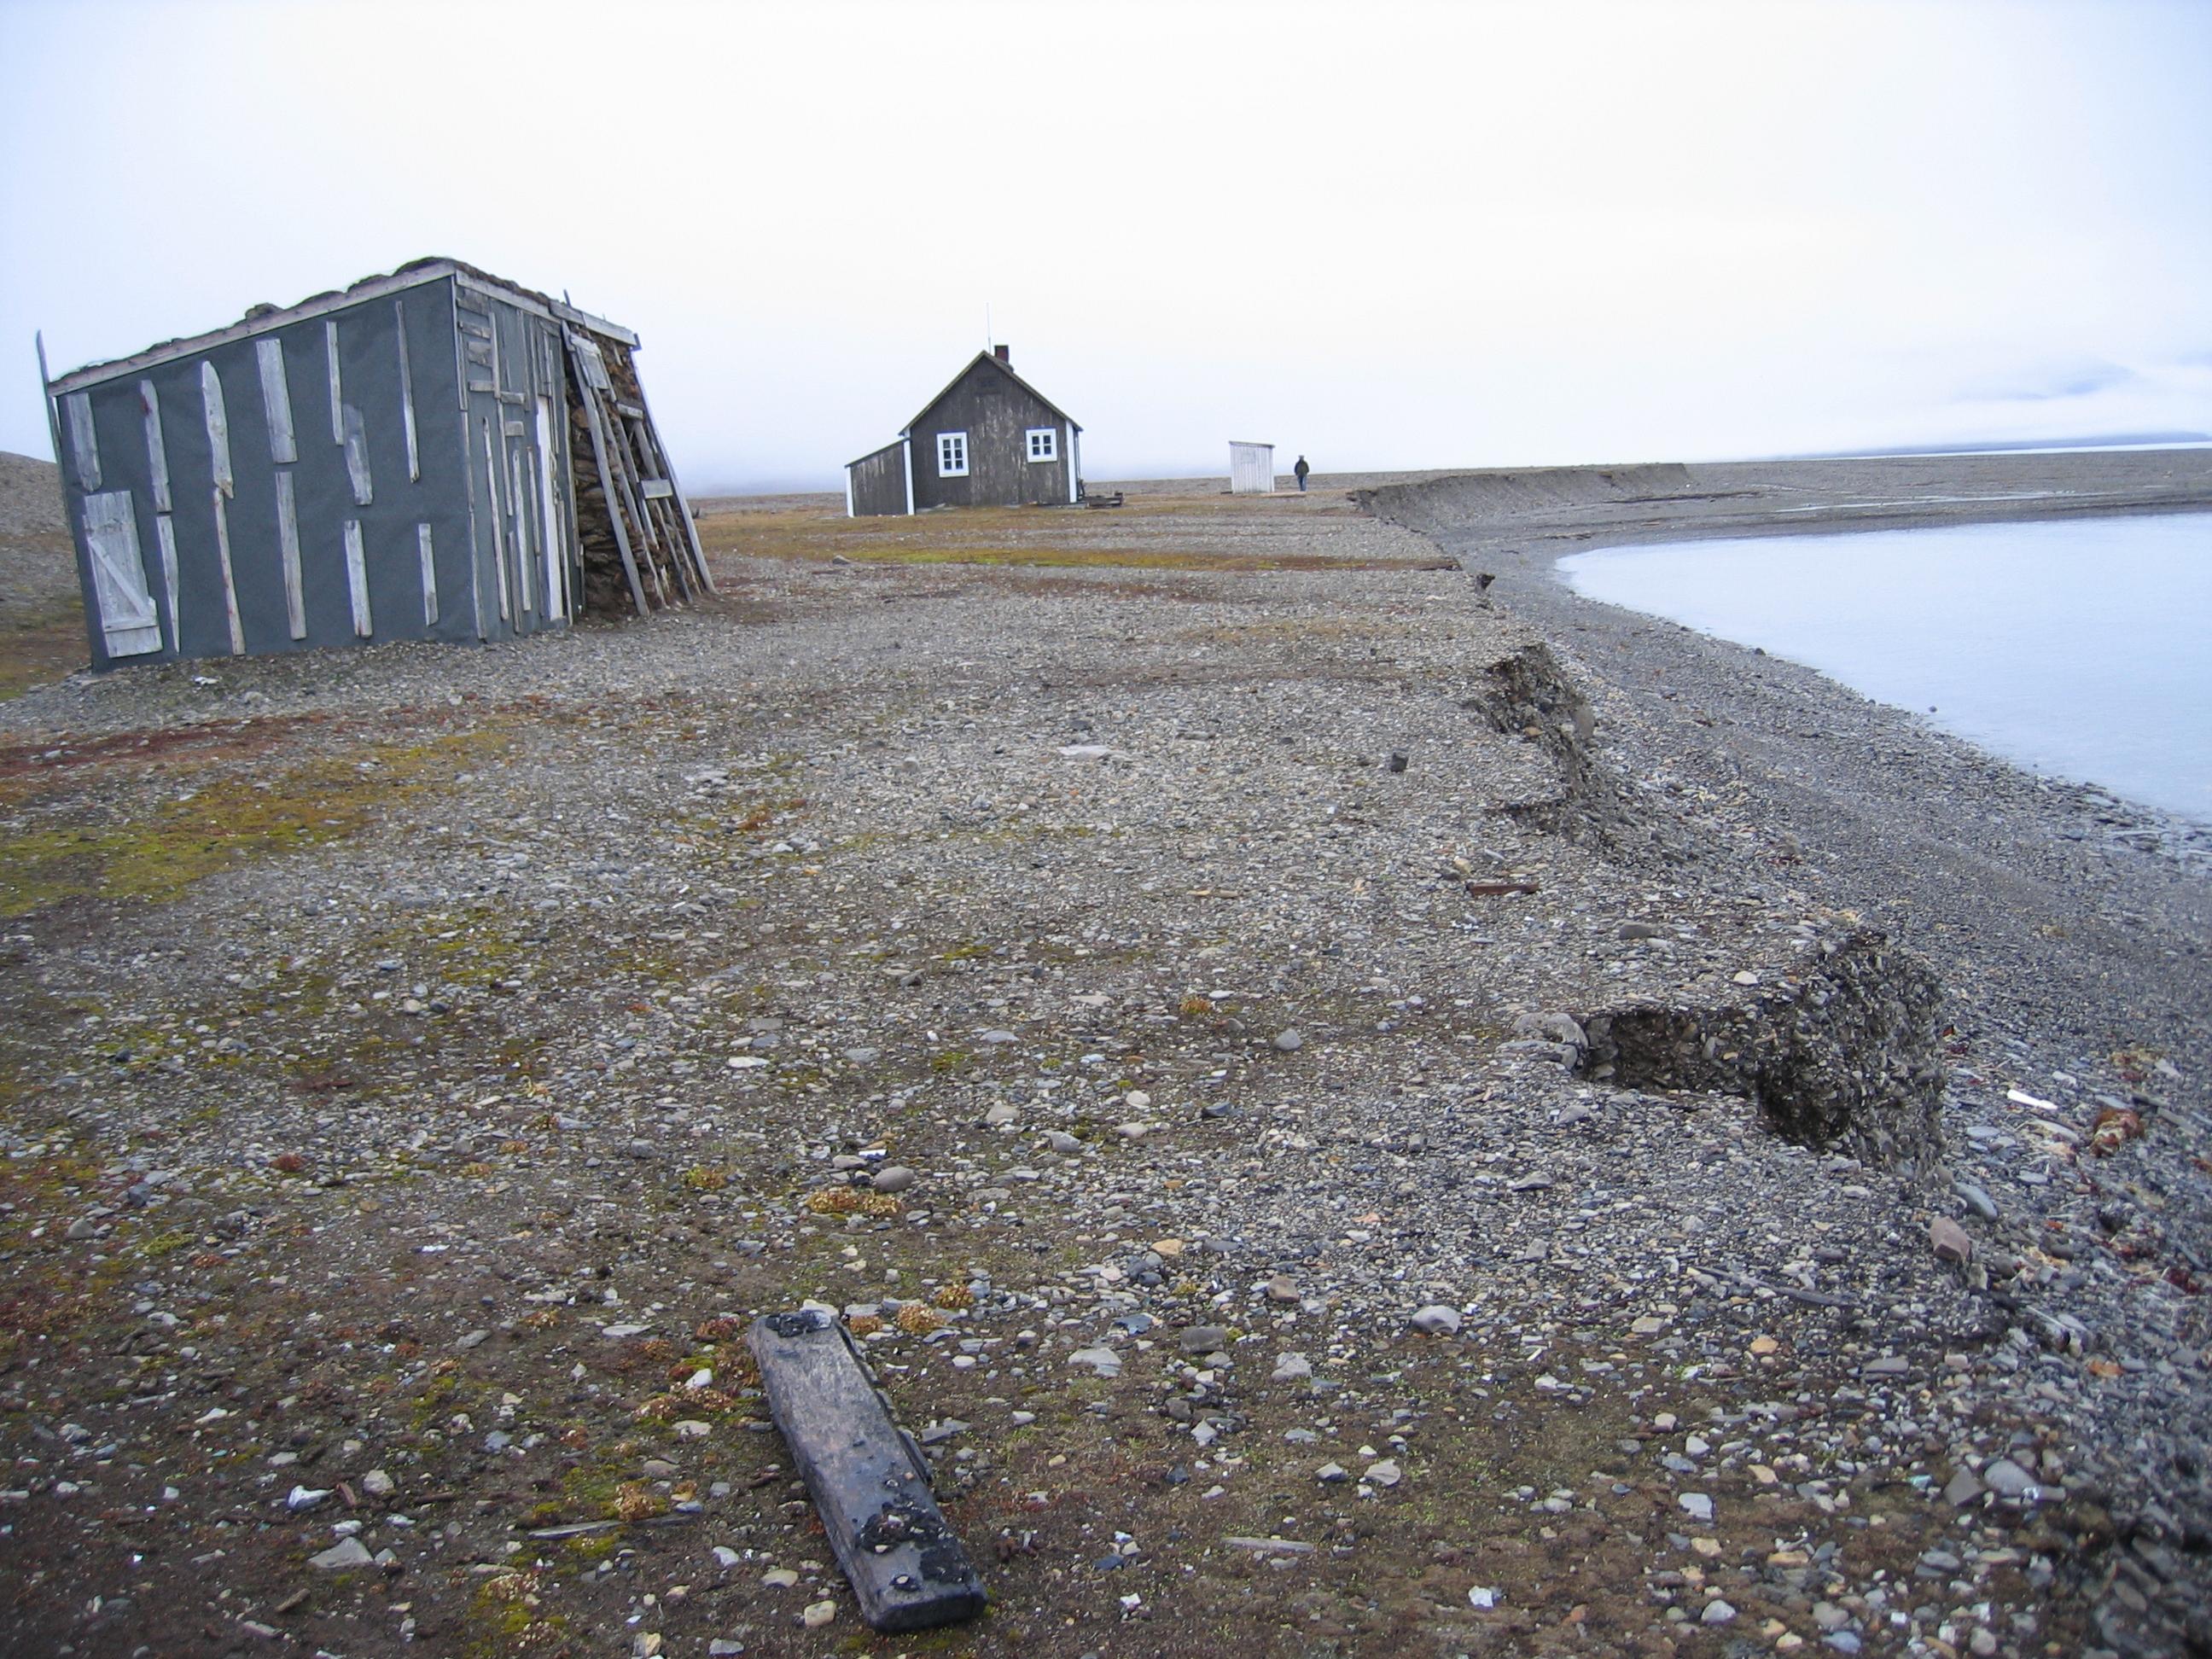 Denne fangststasjonen på Svalbard står i fare for å bli tatt av bølgeerosjon. Den eldste hytta (t.v.) er allerede flyttet innover en gang og nå skal hele stasjonen flyttes til et tryggere område. Foto: Susan Barr / Riksantikvaren